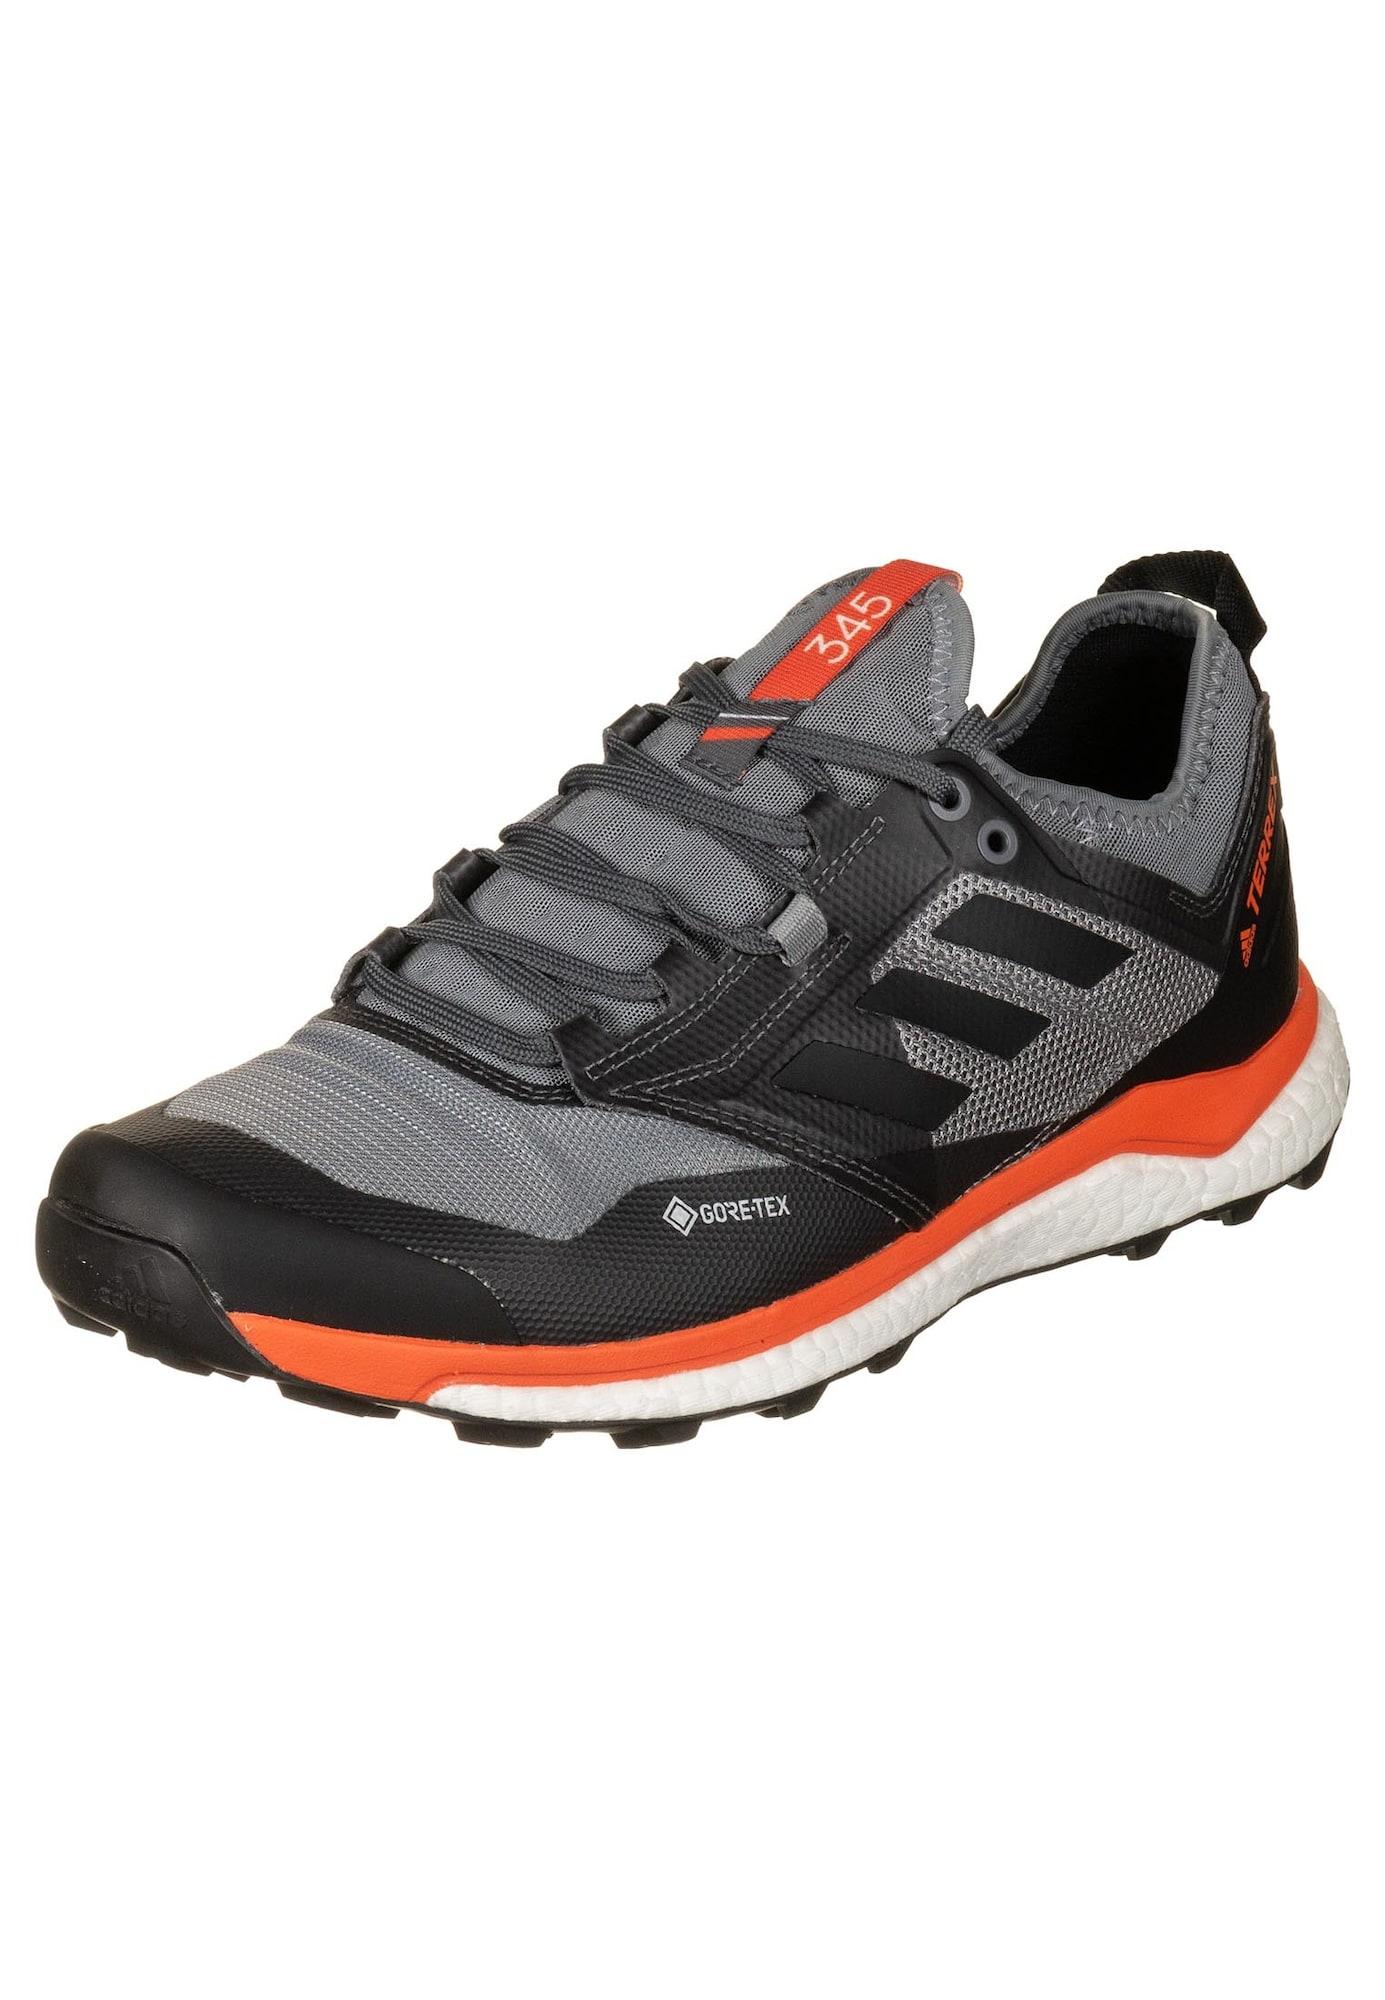 Laufschuh 'Terrex Agravic XT GTX'   Schuhe > Sportschuhe > Laufschuhe   adidas performance